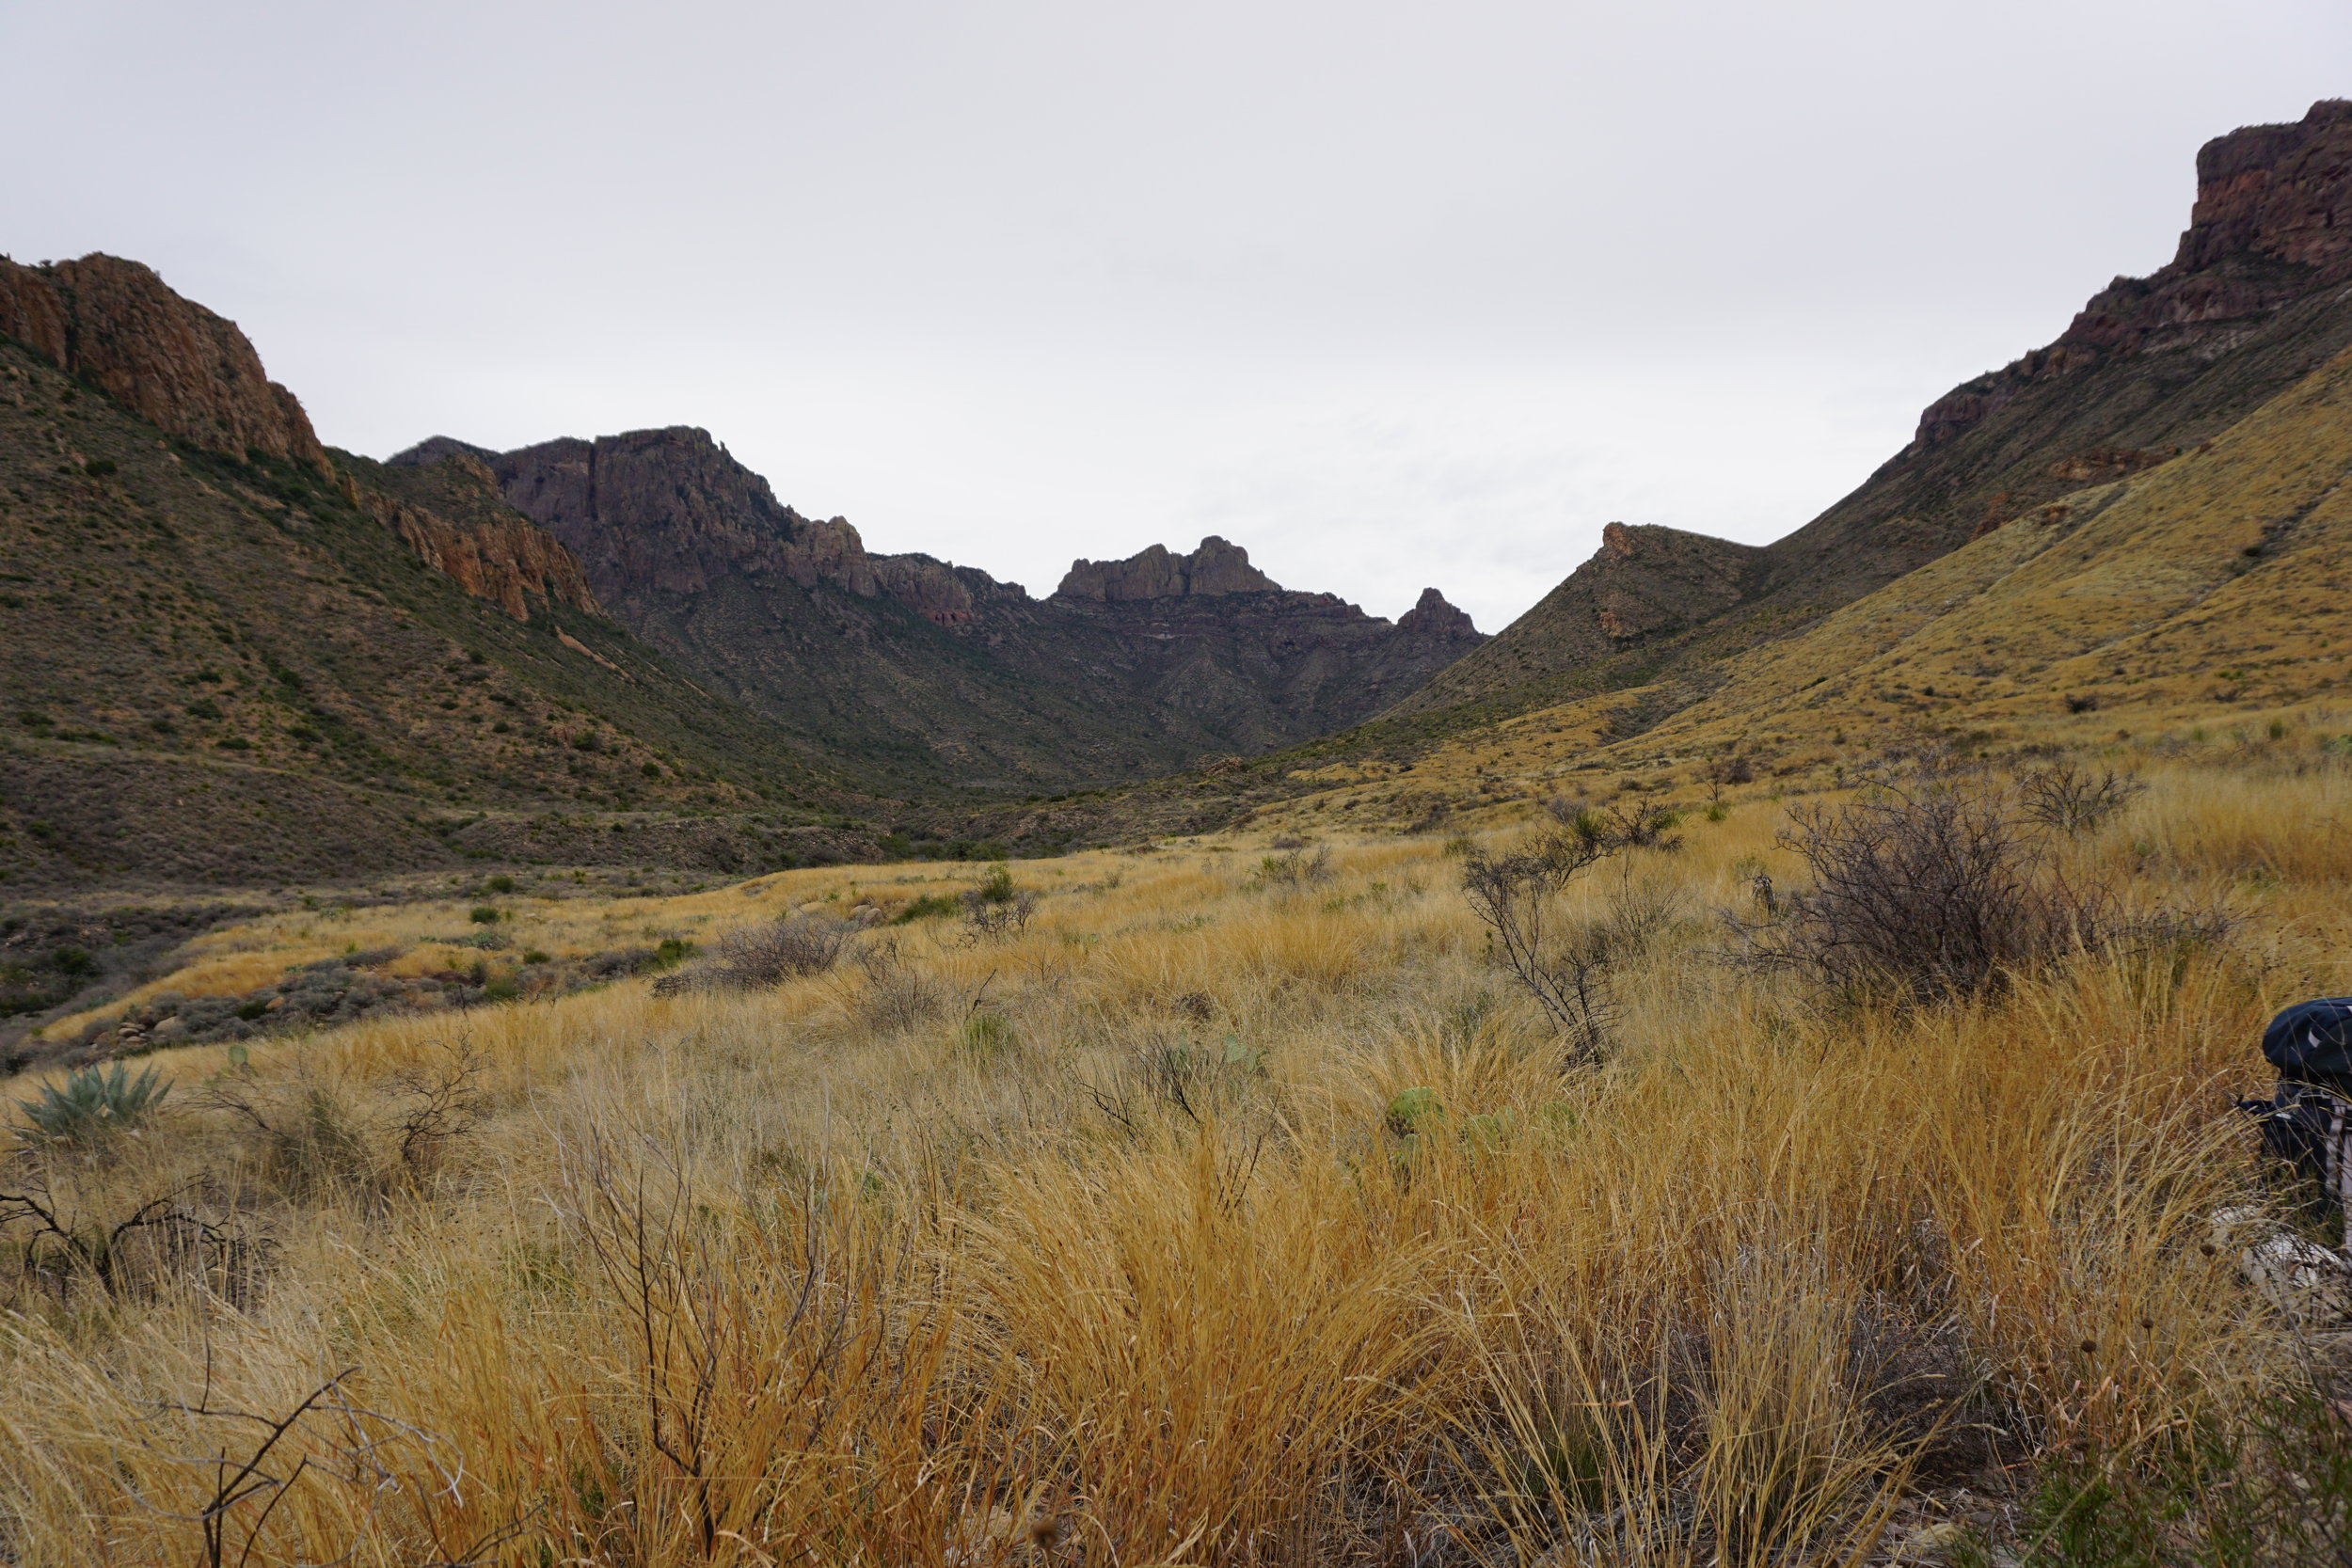 DSC04131 desert grasslands Big Bend Texas.JPG